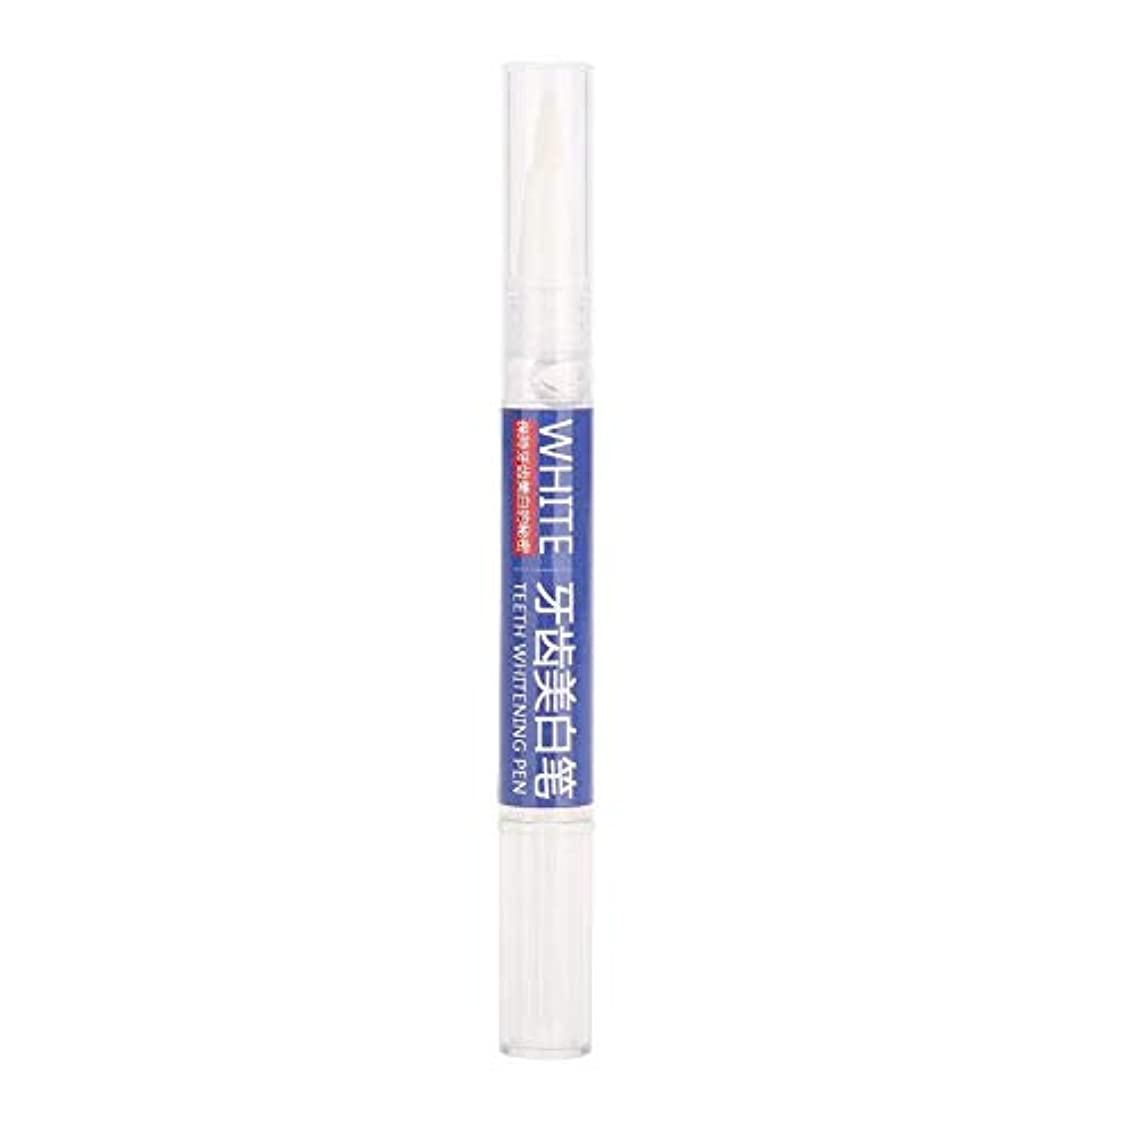 マトリックス矛盾クラウンホワイトニングトゥースペン3mlイエロートゥースシガレット汚れ除去ホワイトニングホワイトニングトゥースジェルペン